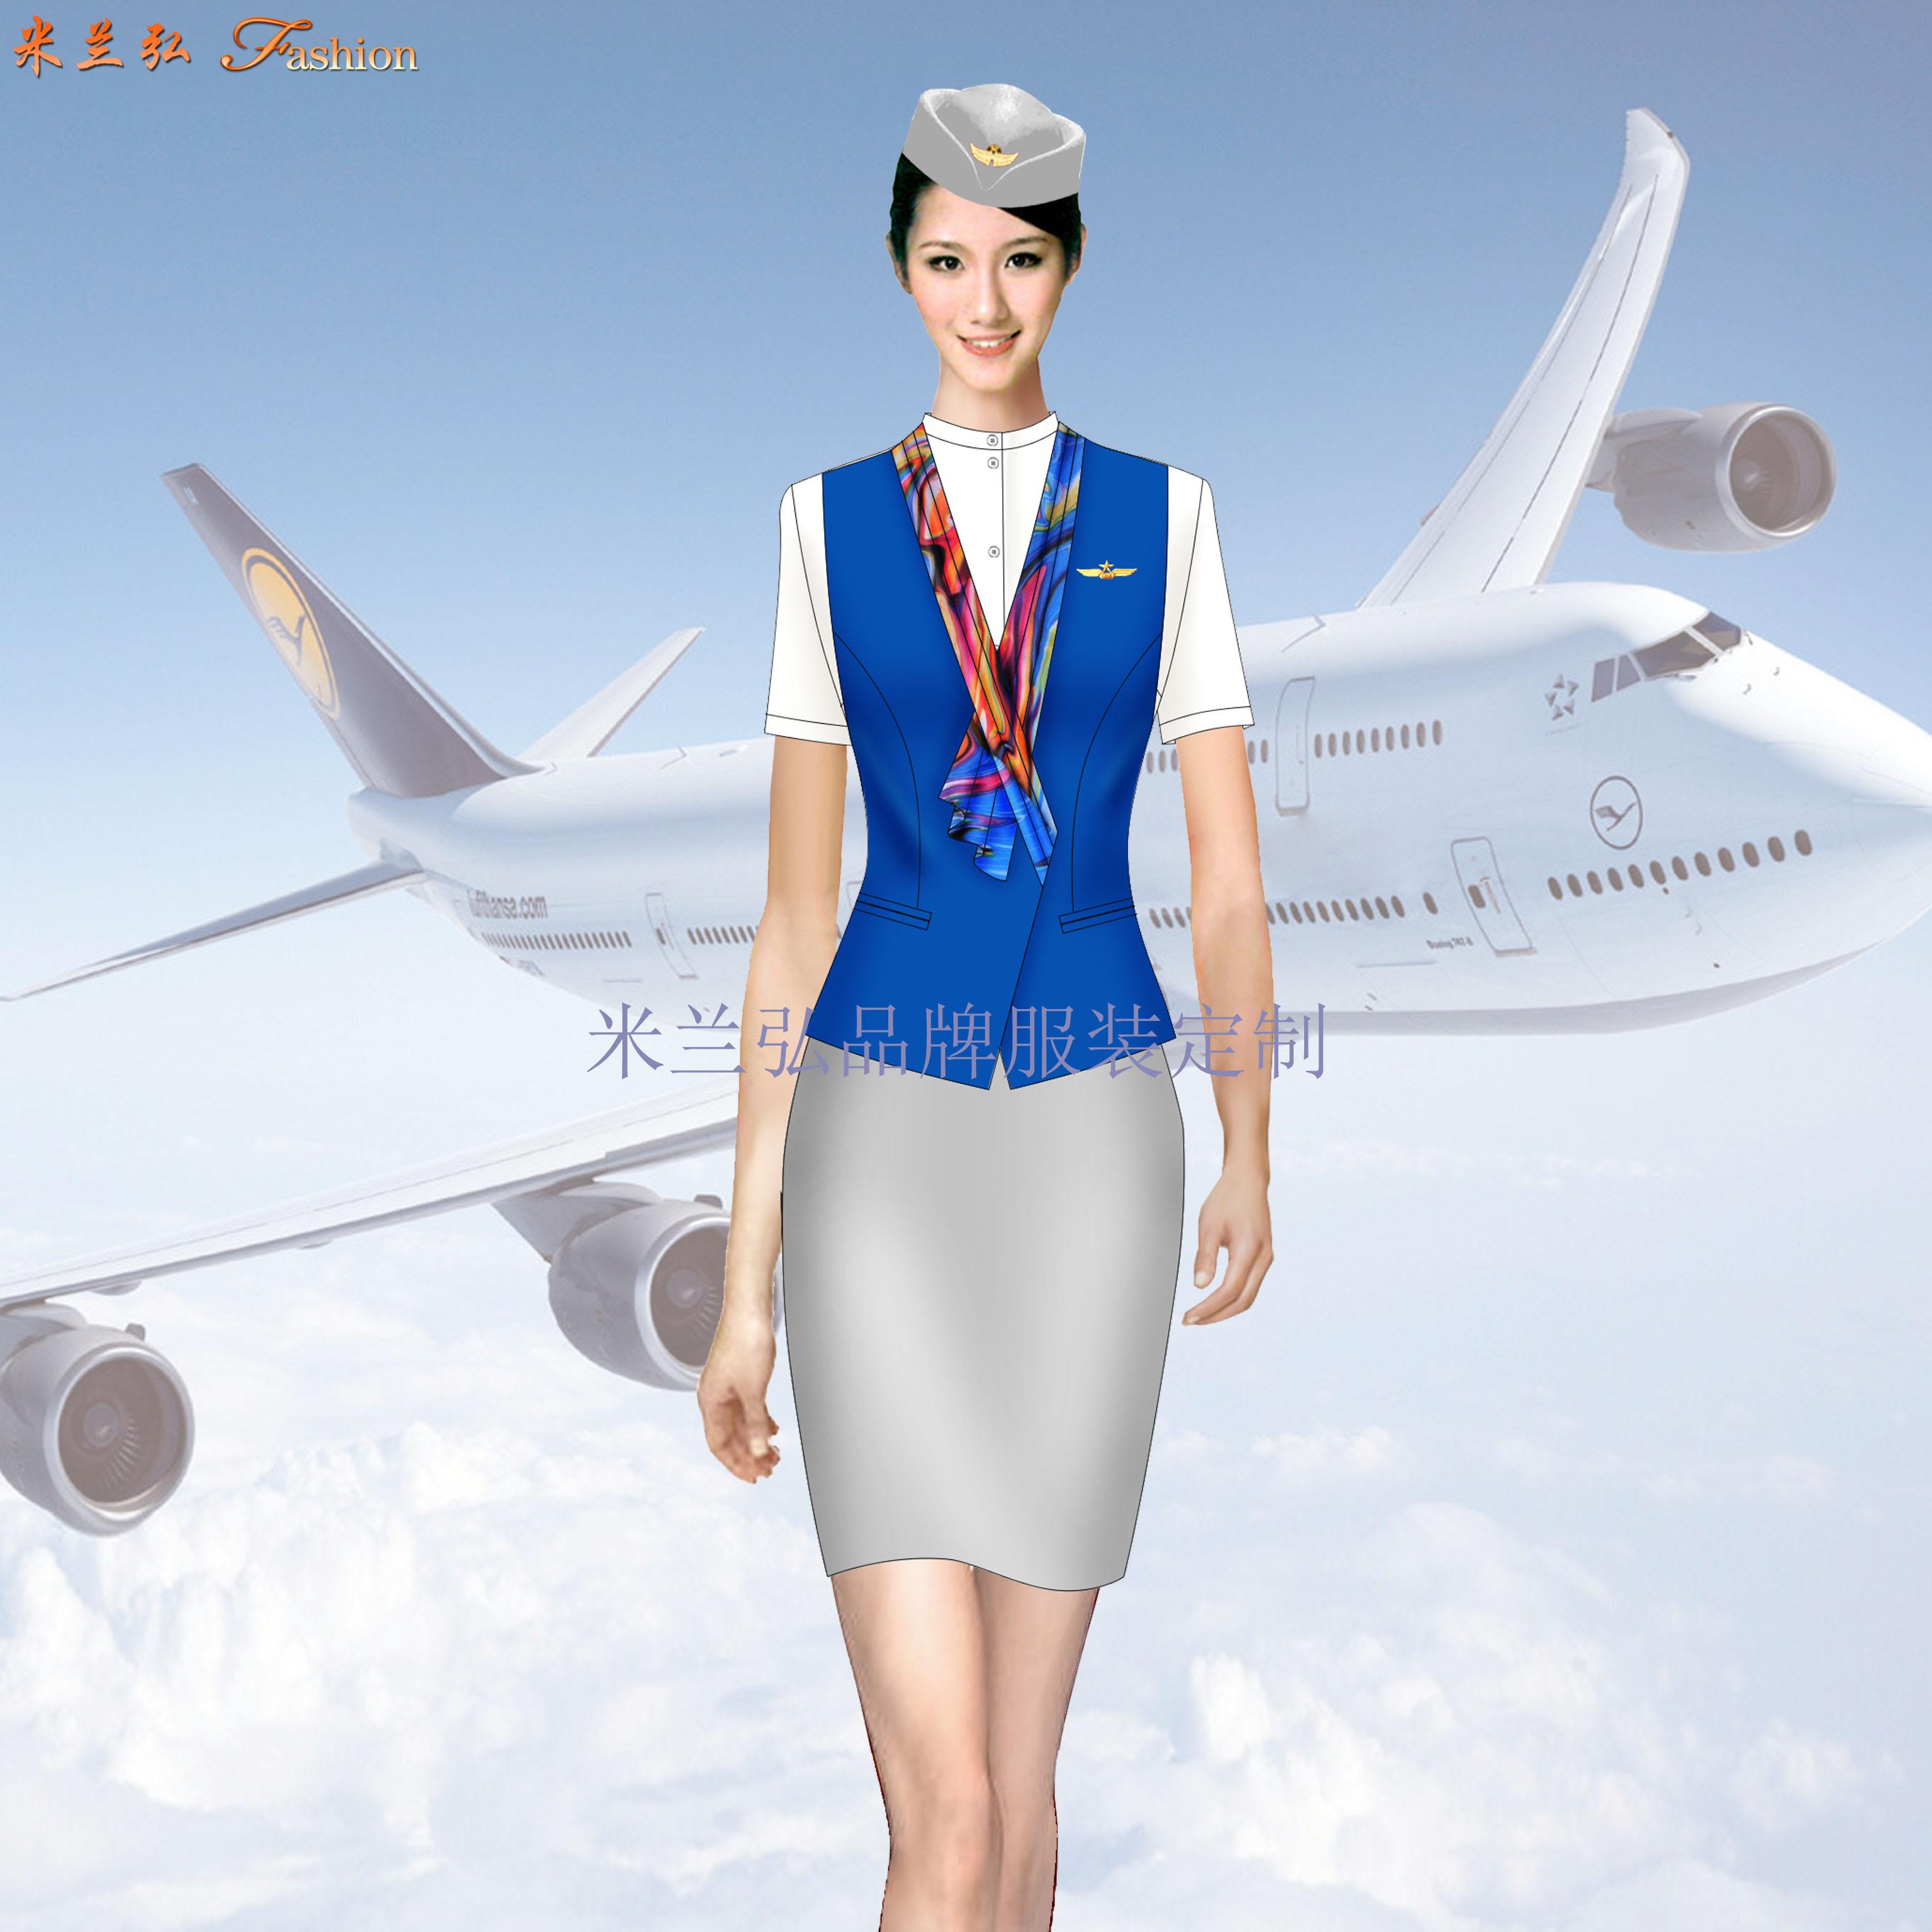 安徽空姐服定制-航空乘務員職業裝圖片-米蘭弘廠家-5